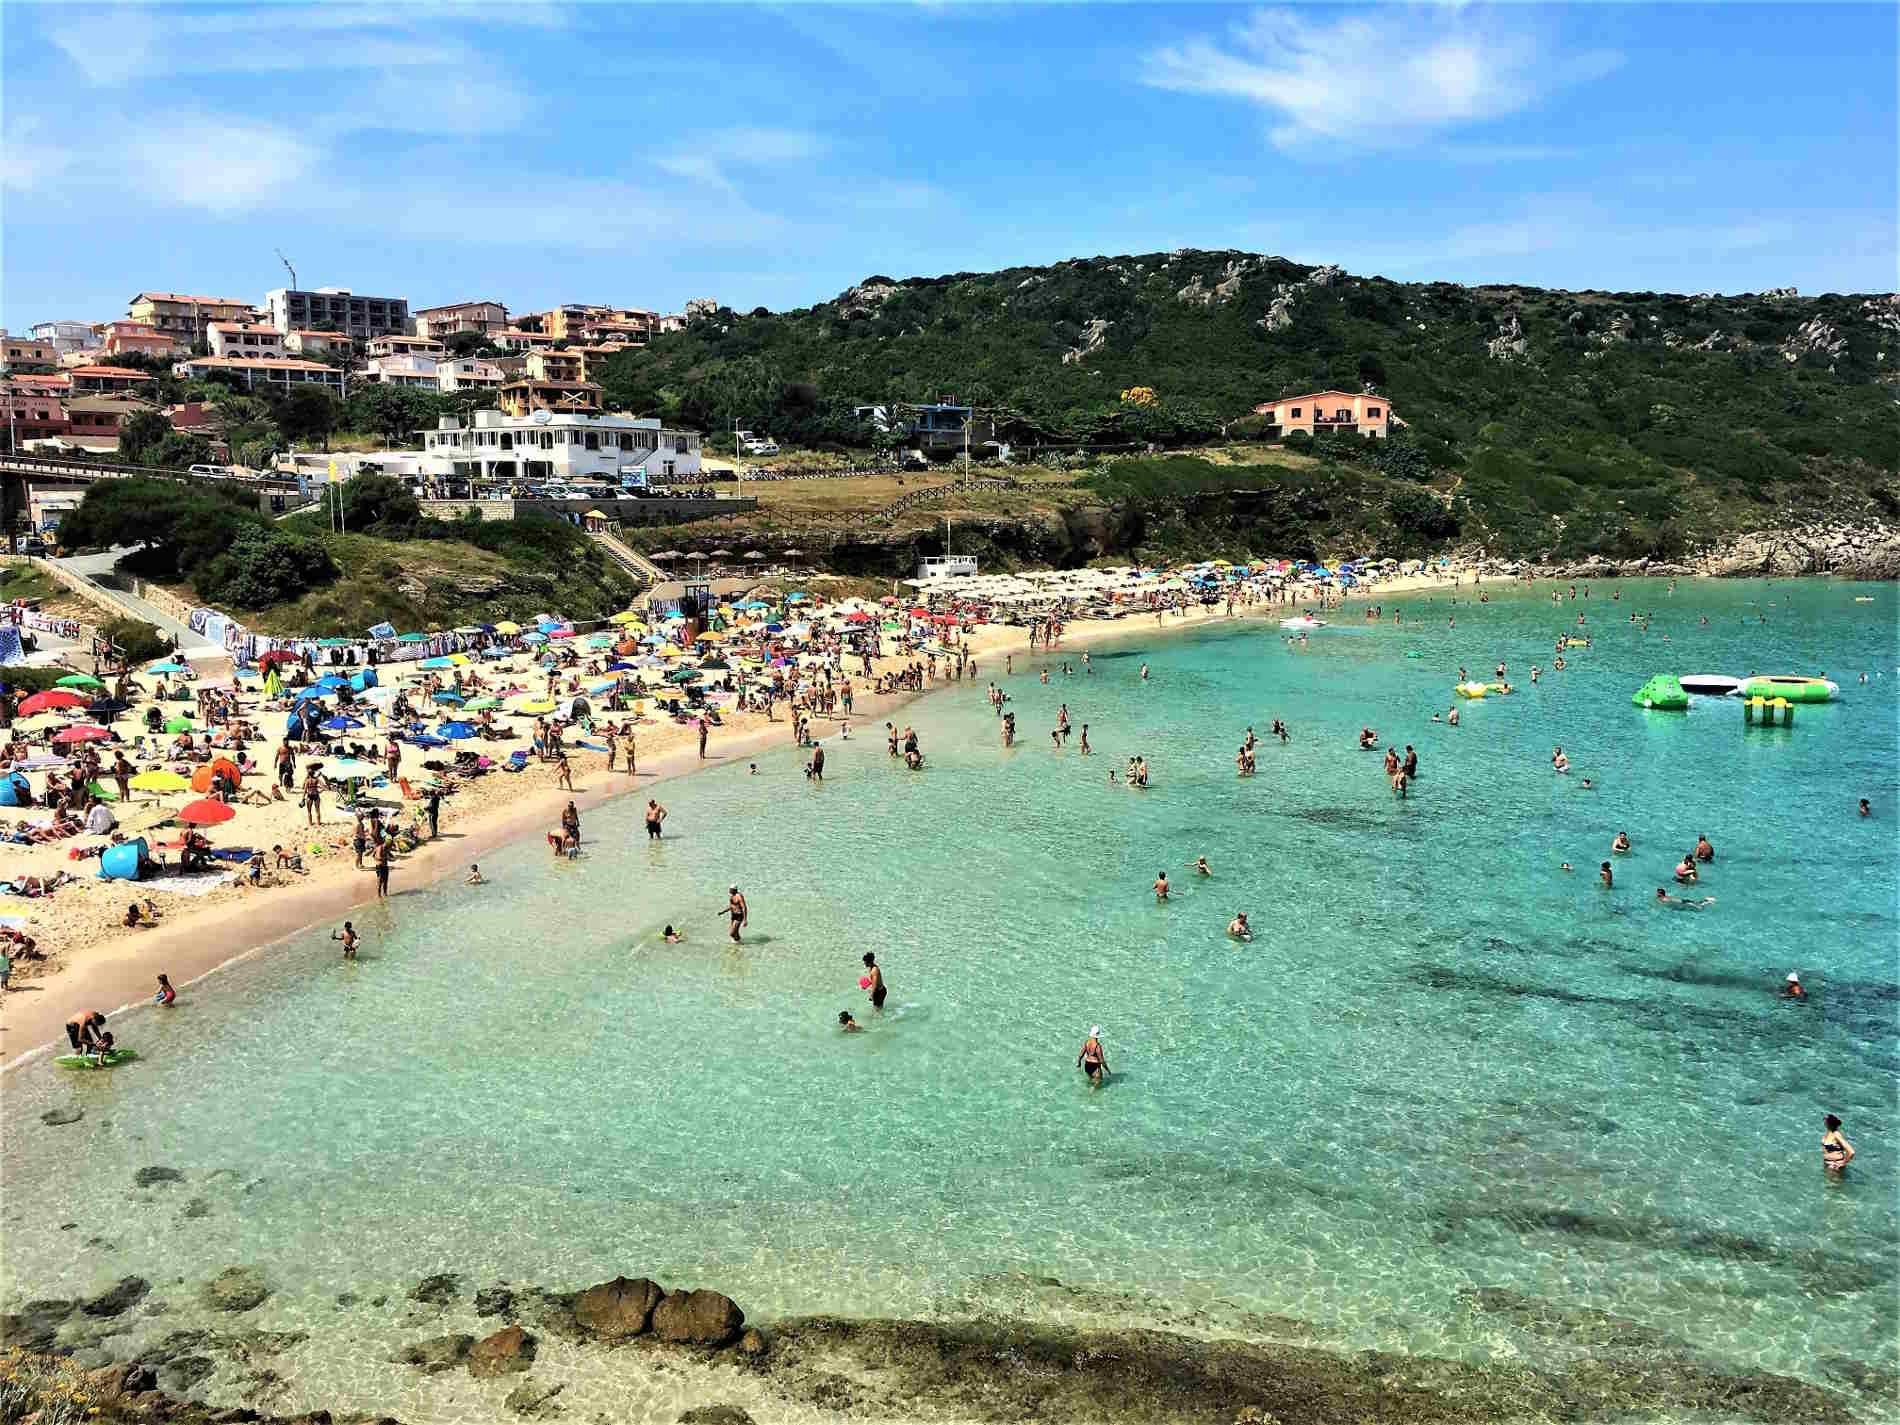 La Spiaggia di Rena Bianca a Santa Teresa di Gallura fra le migliori spiagge in Italia e nel mondo